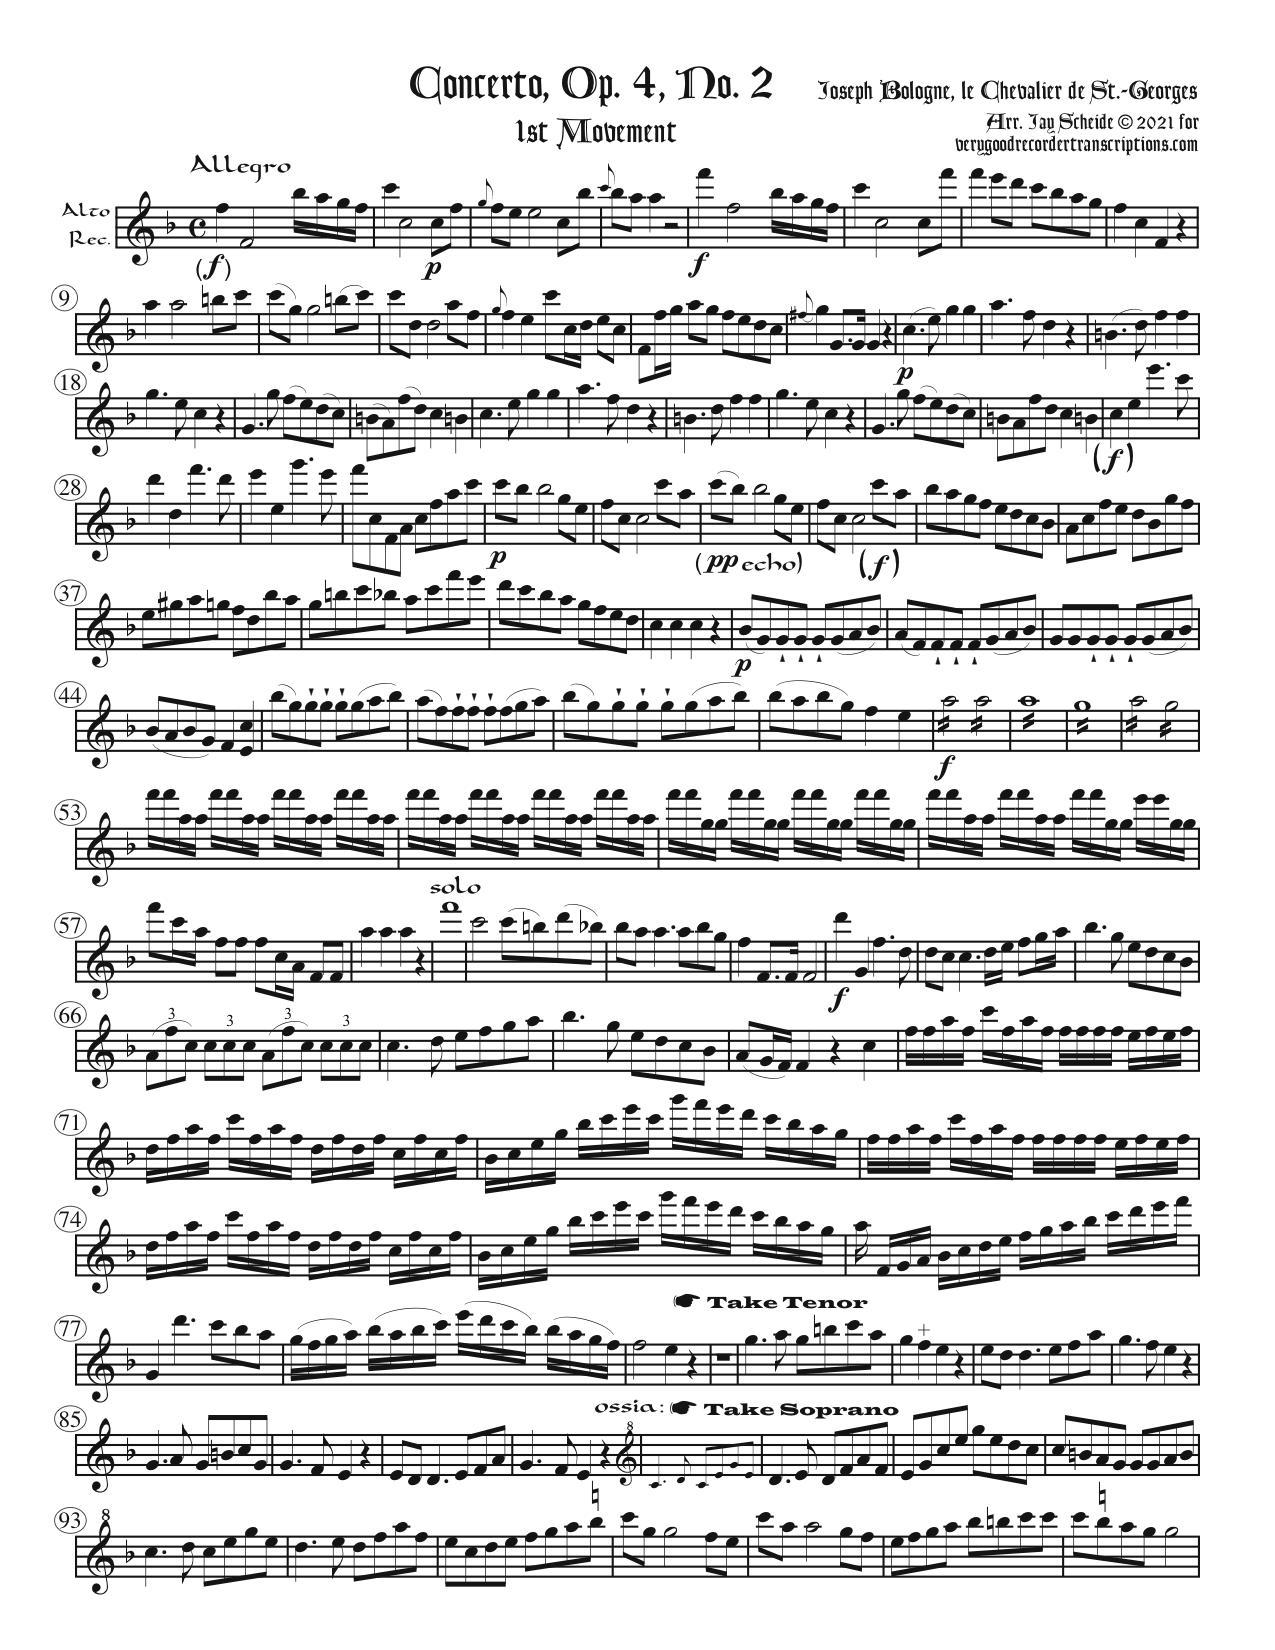 Concerto, Op. 4, No. 2